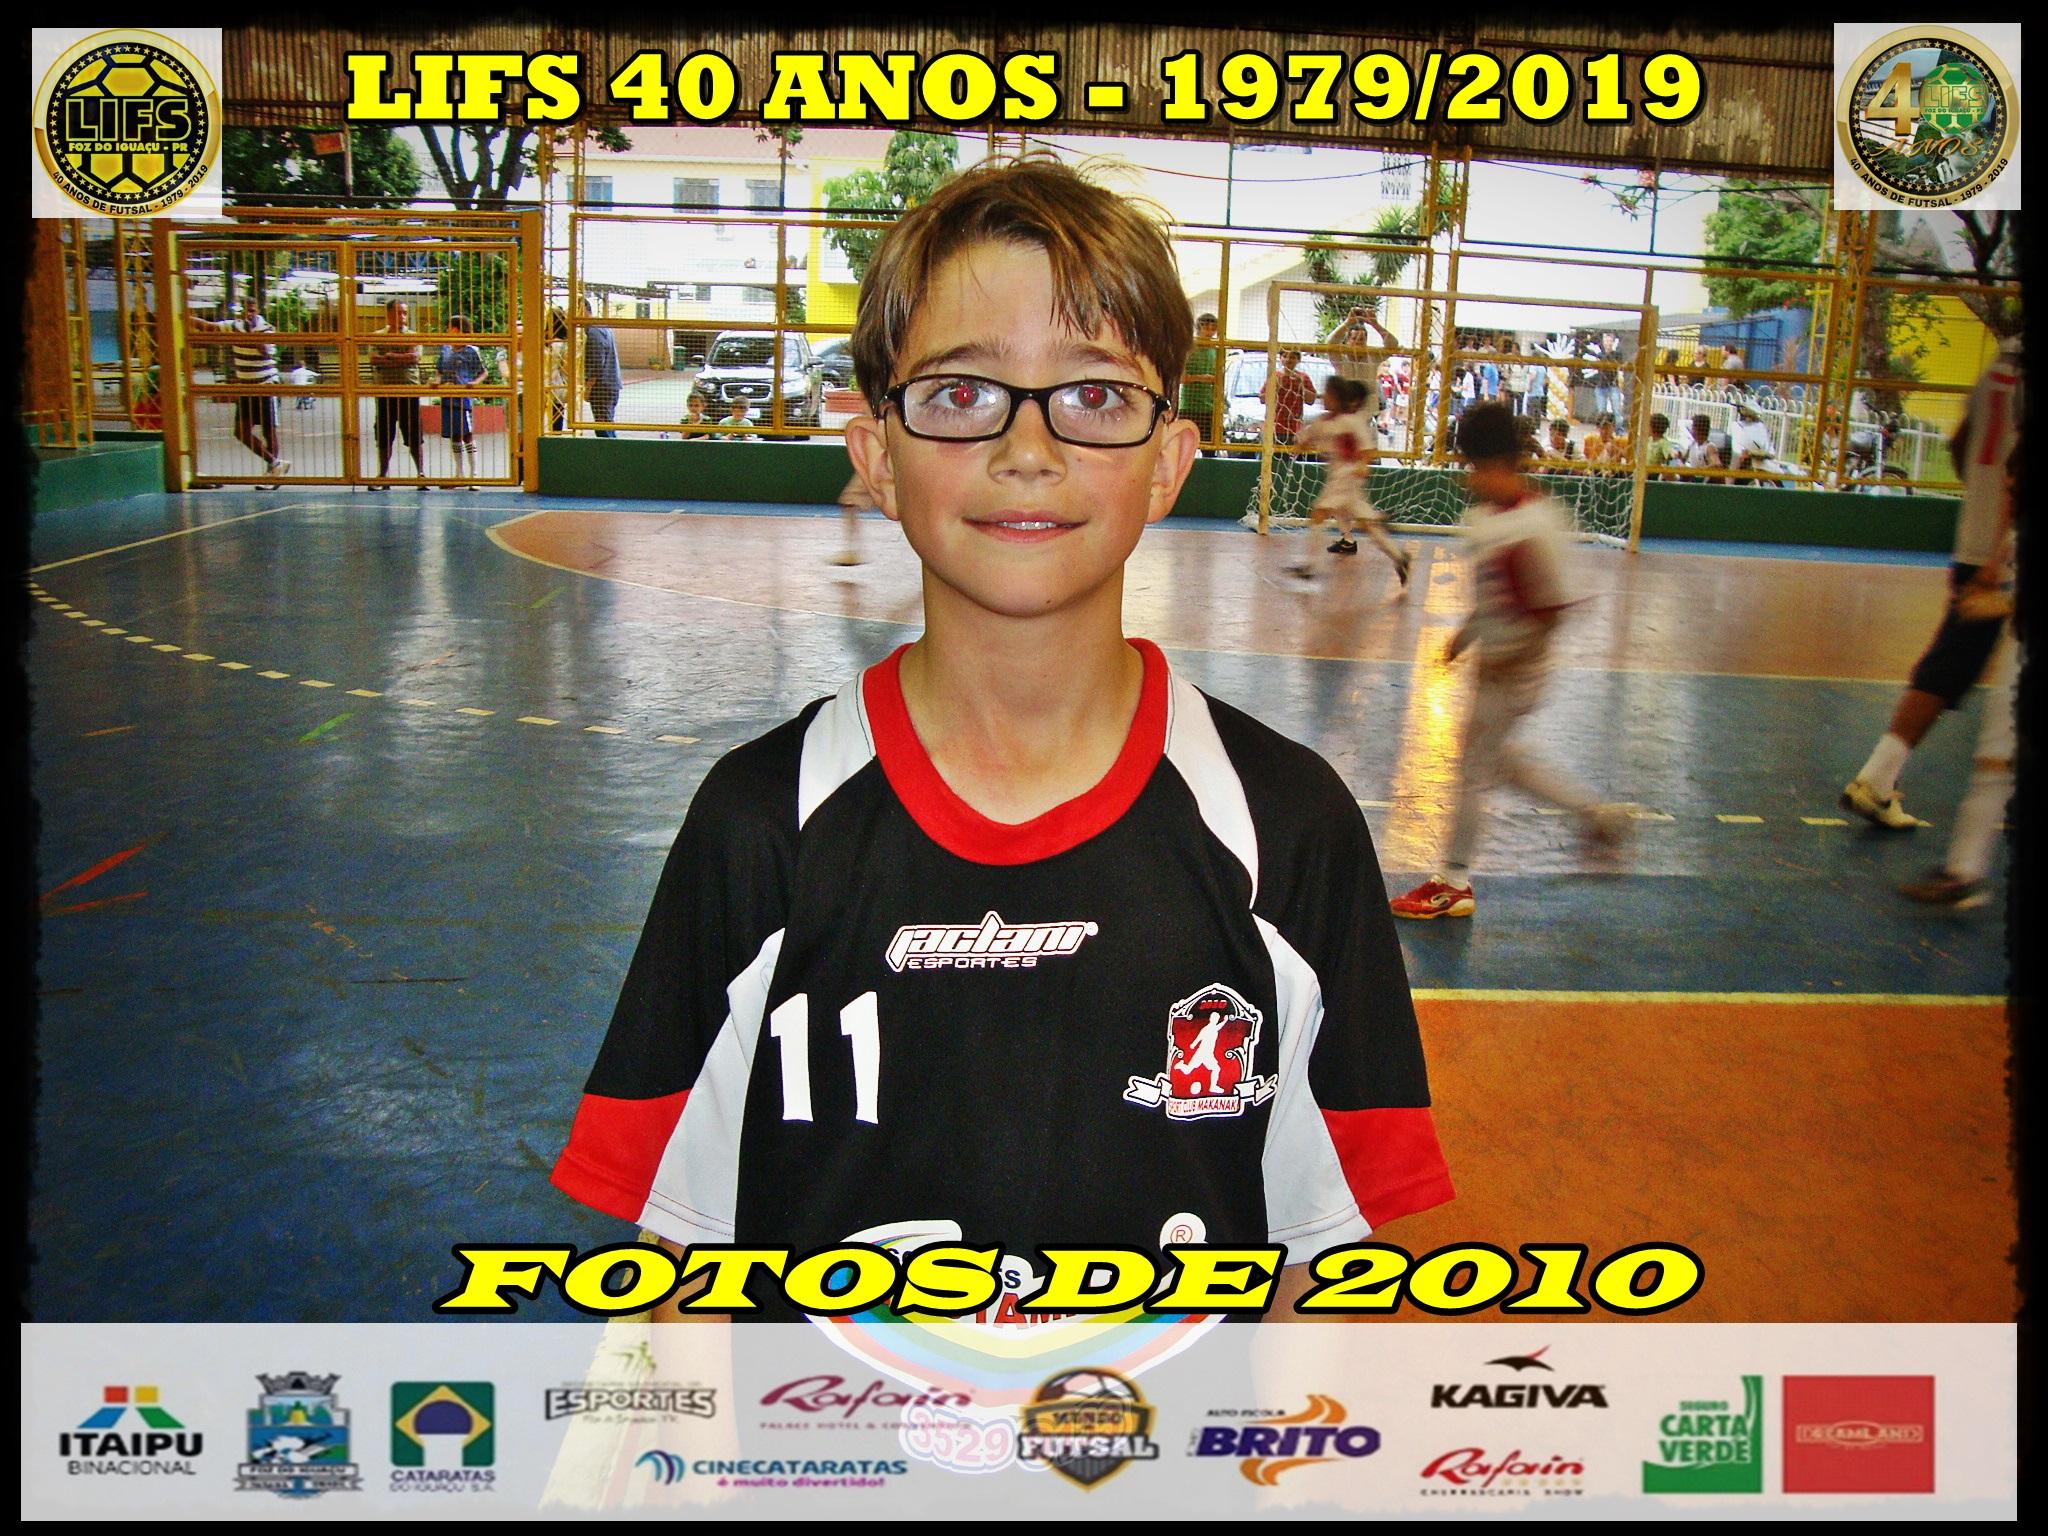 LIFS 40 ANOS